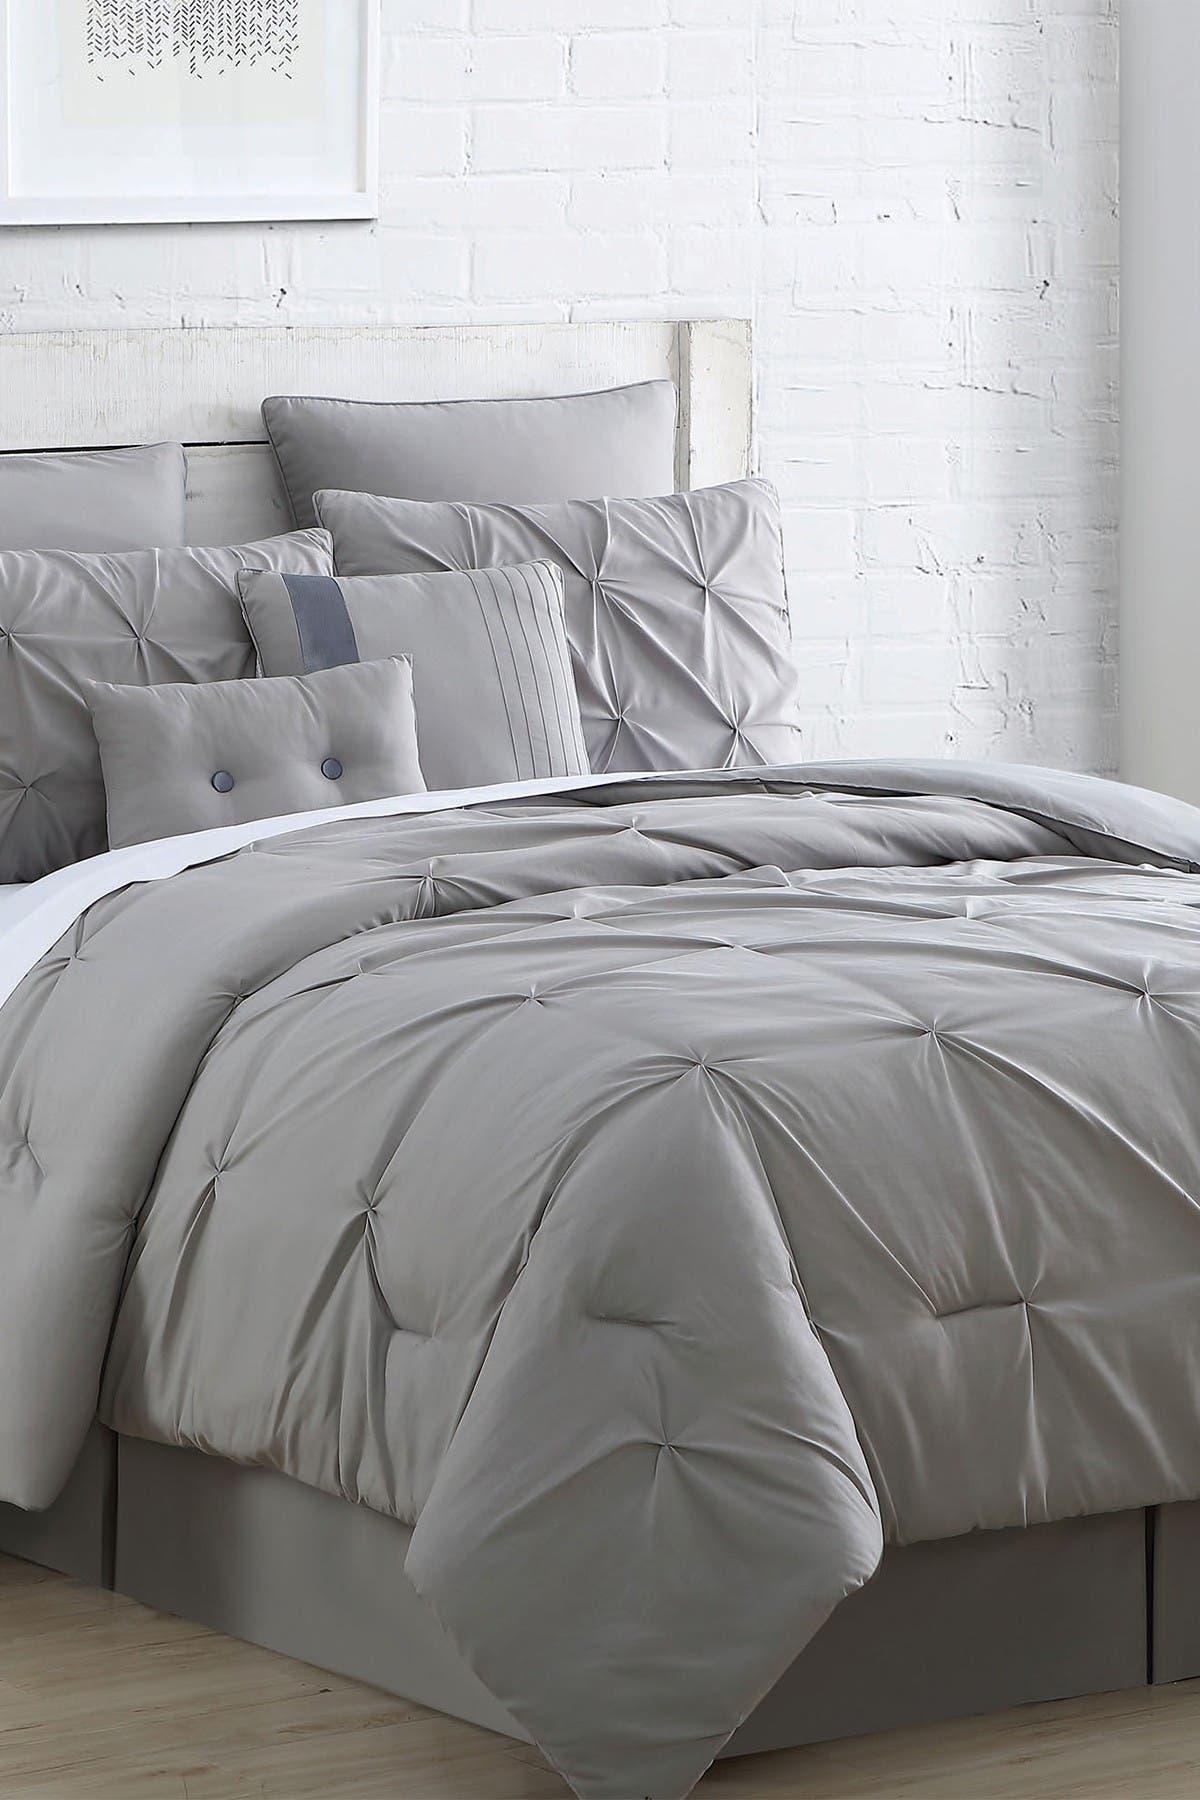 Modern Threads Hot Deal King Ella Embellished Comforter Set Grey Nordstrom Rack